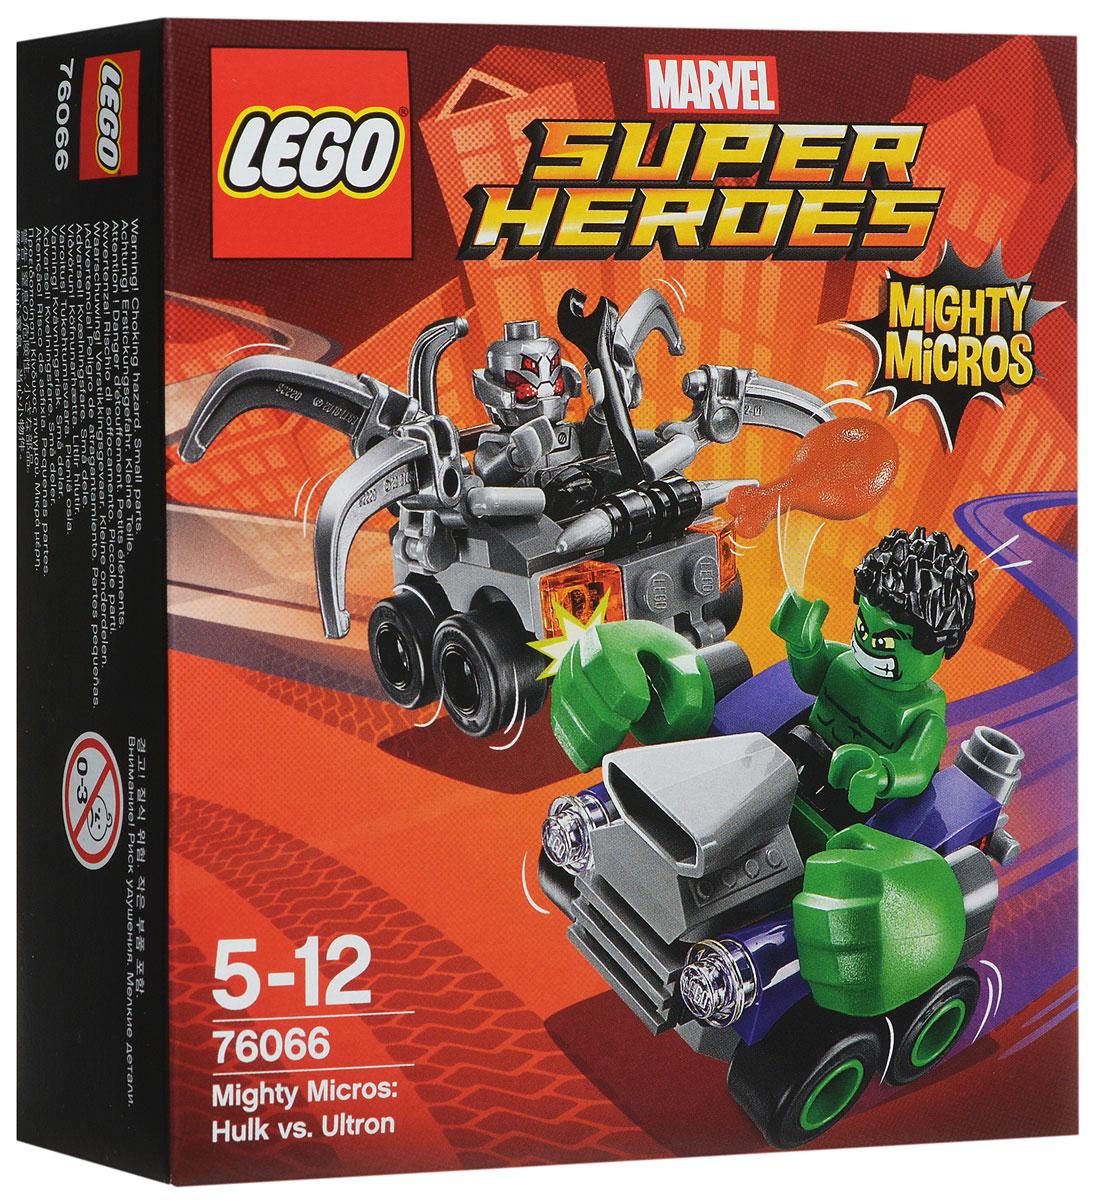 LEGO Super Heroes Конструктор Халк против Альтрона 7606676066Устремитесь на схватку с Альтроном в крутой зеленой машине Халка с огромными кулаками. Отремонтируйте автомобиль Альтрона с помощью гаечного ключа - пусть щупальца движутся вверх и вниз. А потом передохните вместе с Халком и пообедайте куриными ножками. Кто победит? Все зависит от вас! Набор включает в себя 80 разноцветных пластиковых элементов. Конструктор - это один из самых увлекательных и веселых способов времяпрепровождения. Ребенок сможет часами играть с конструктором, придумывая различные ситуации и истории.